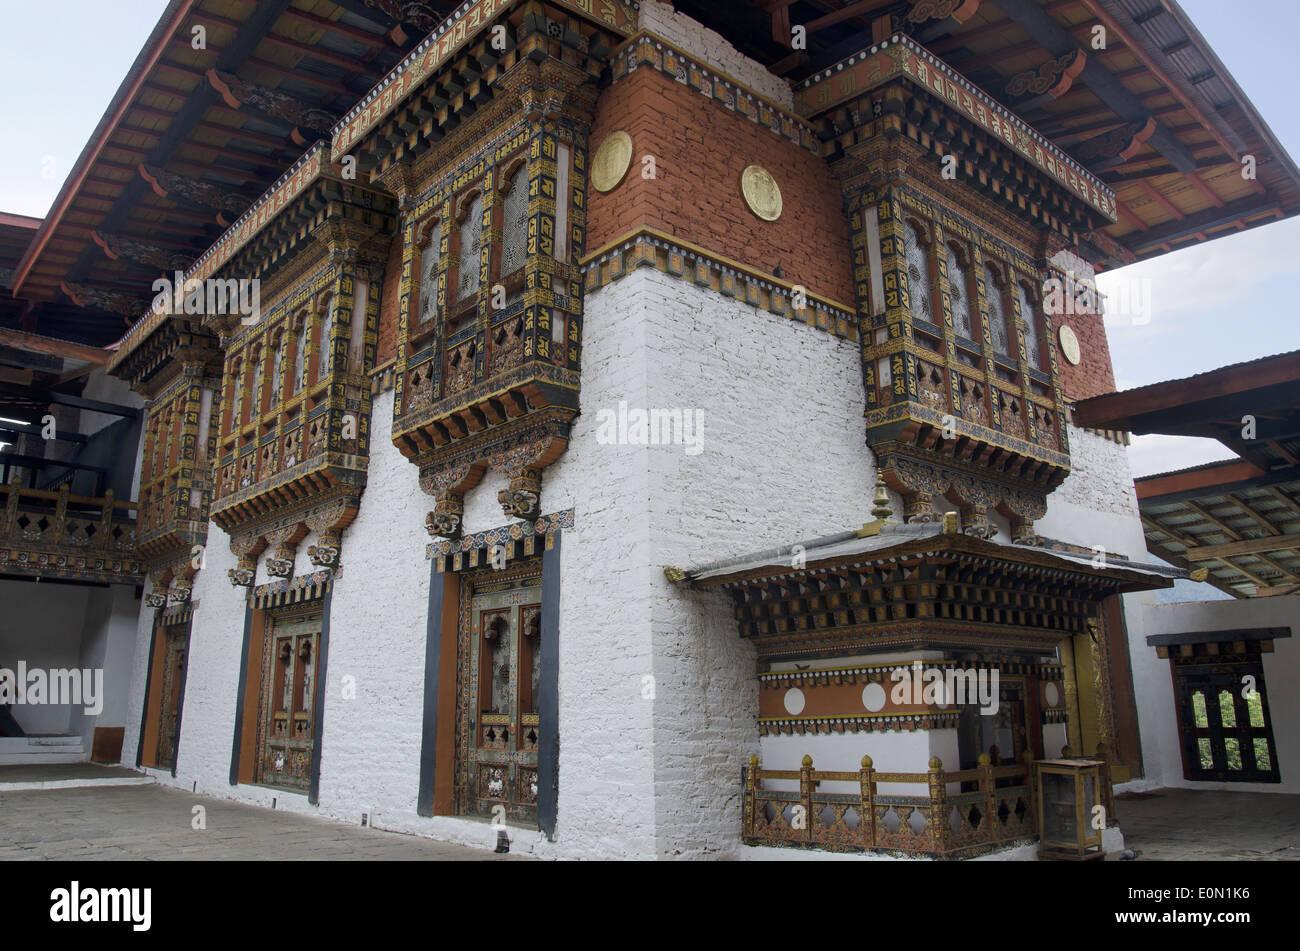 Inside view of Punakha Dzong, Punakha, Bhutan - Stock Image